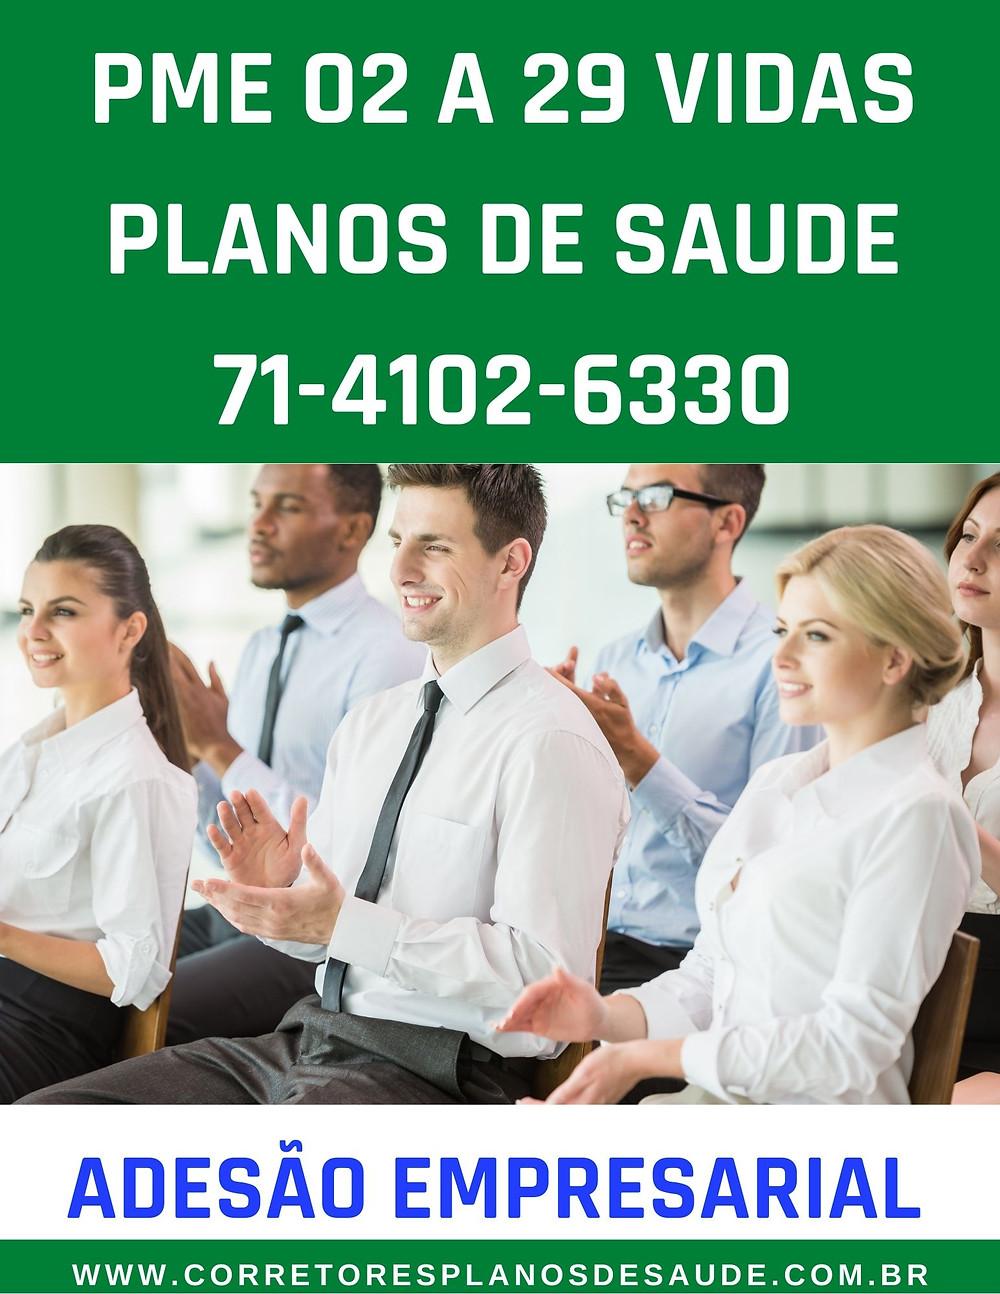 02 a 29 vidas - Planos Empresariais